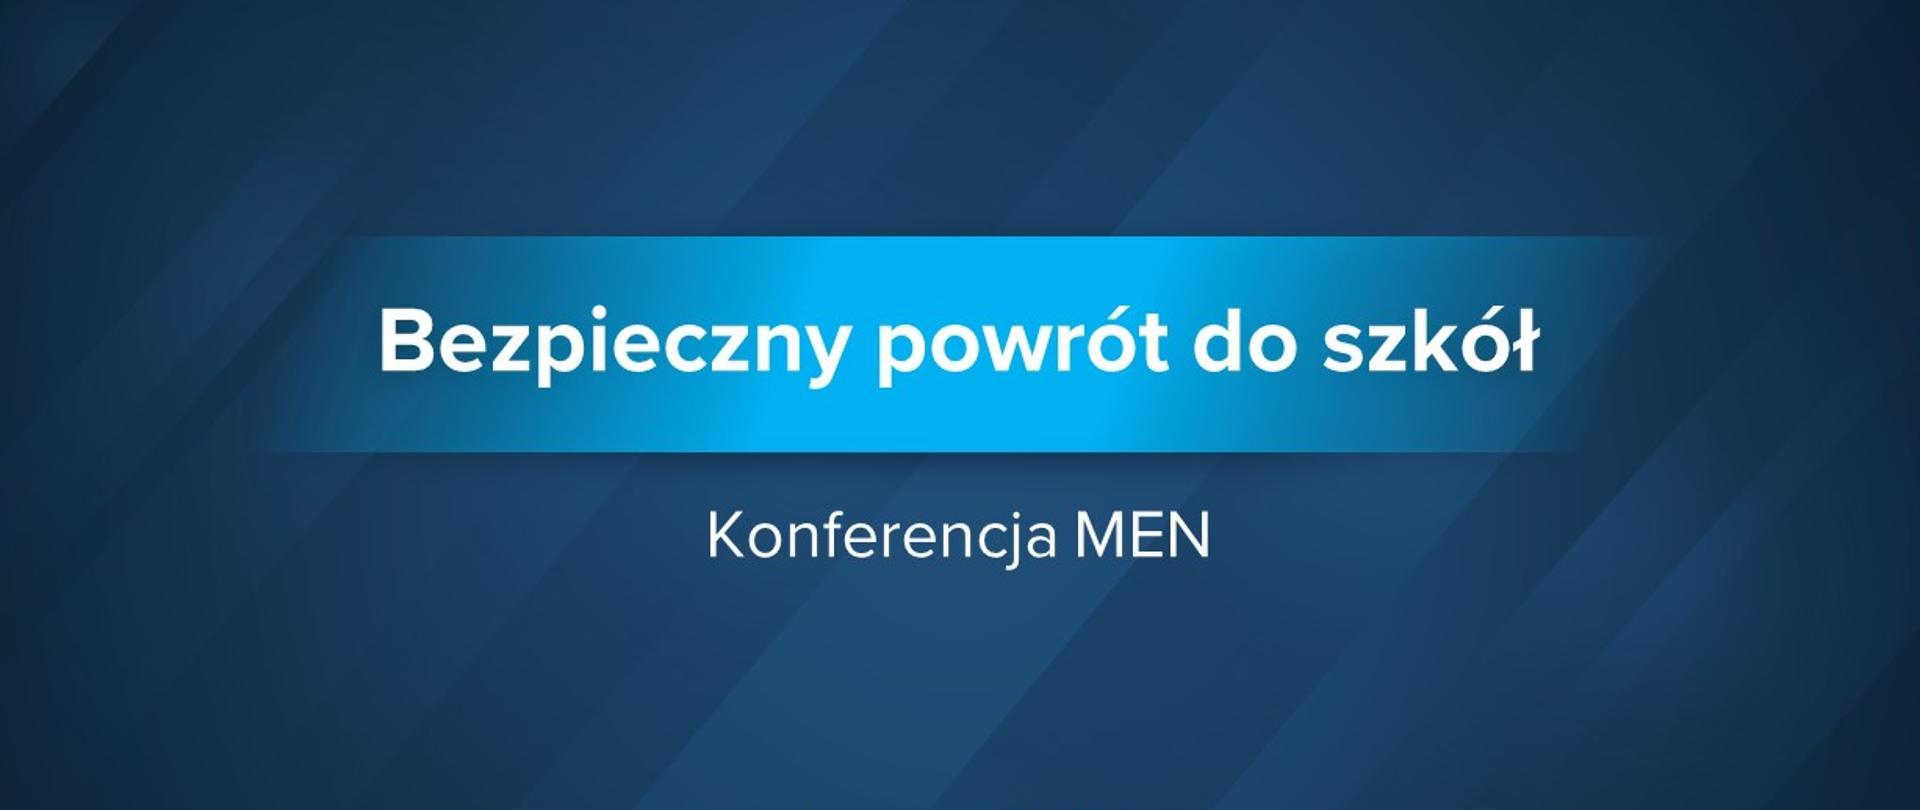 """Granatowa grafika ztekstem: """"Bezpieczny powrót doszkół – konferencja MEN"""""""